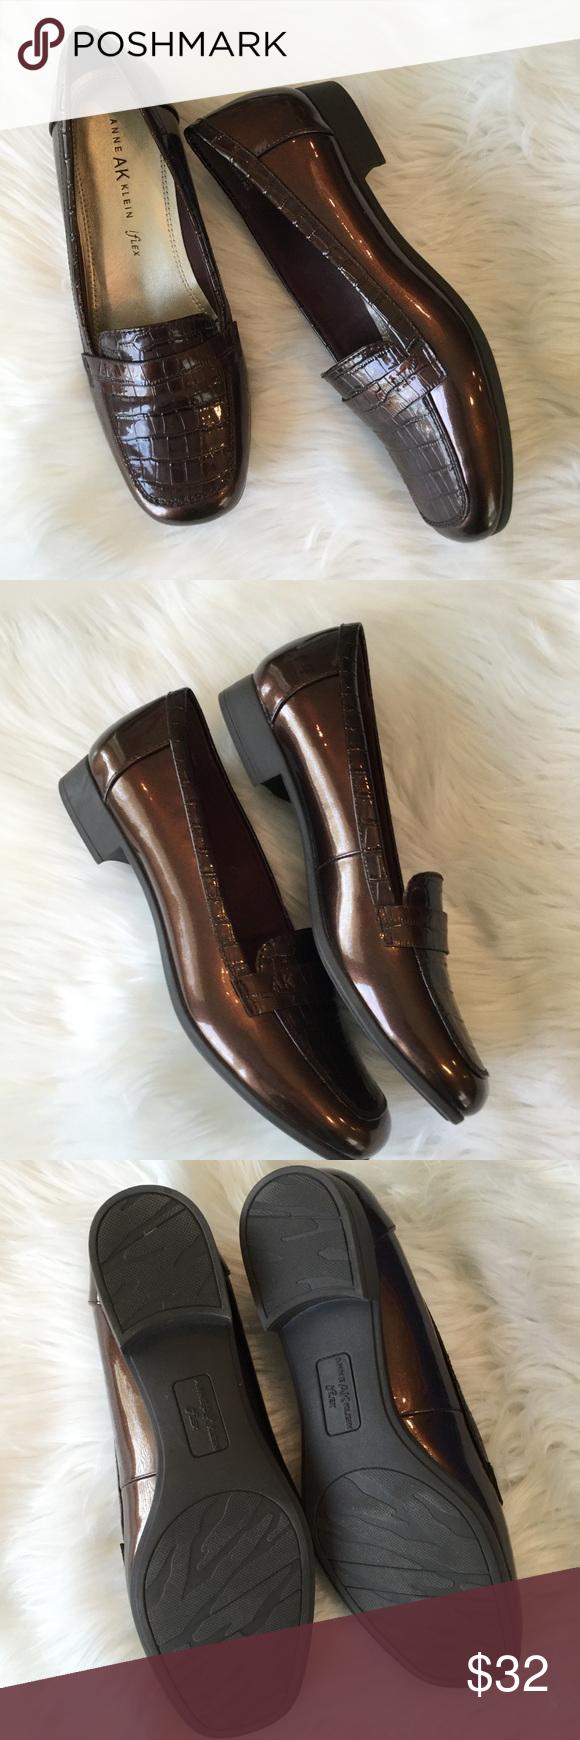 04cf953cdb1 Ann Klein Iflex Patent   Croc Loafers